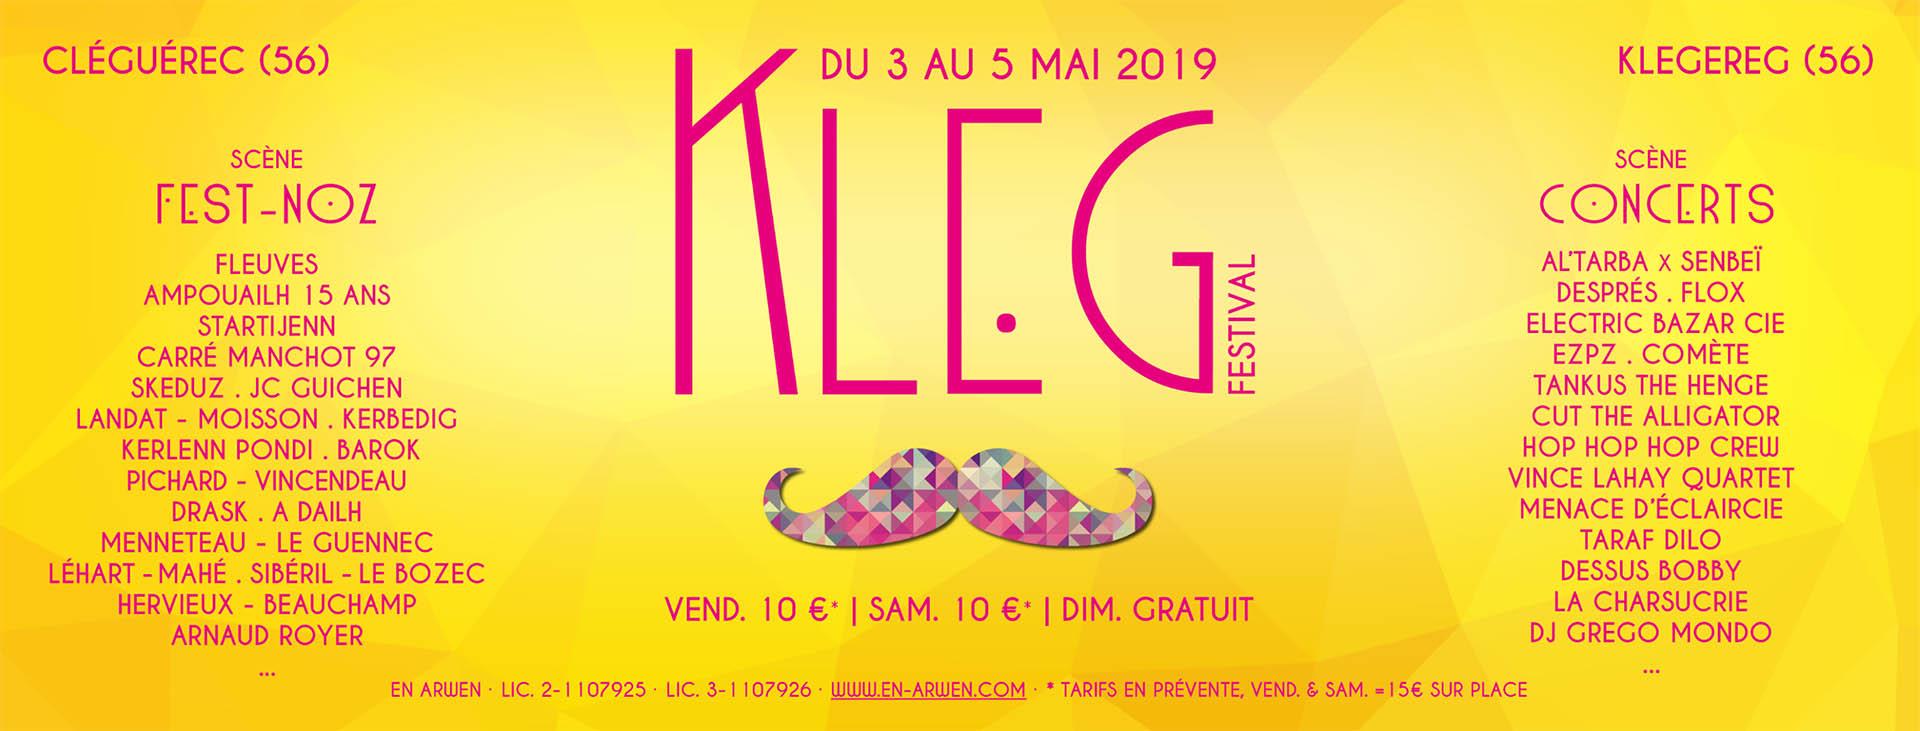 Cléguerec (56) @ Festival du Kleg #39